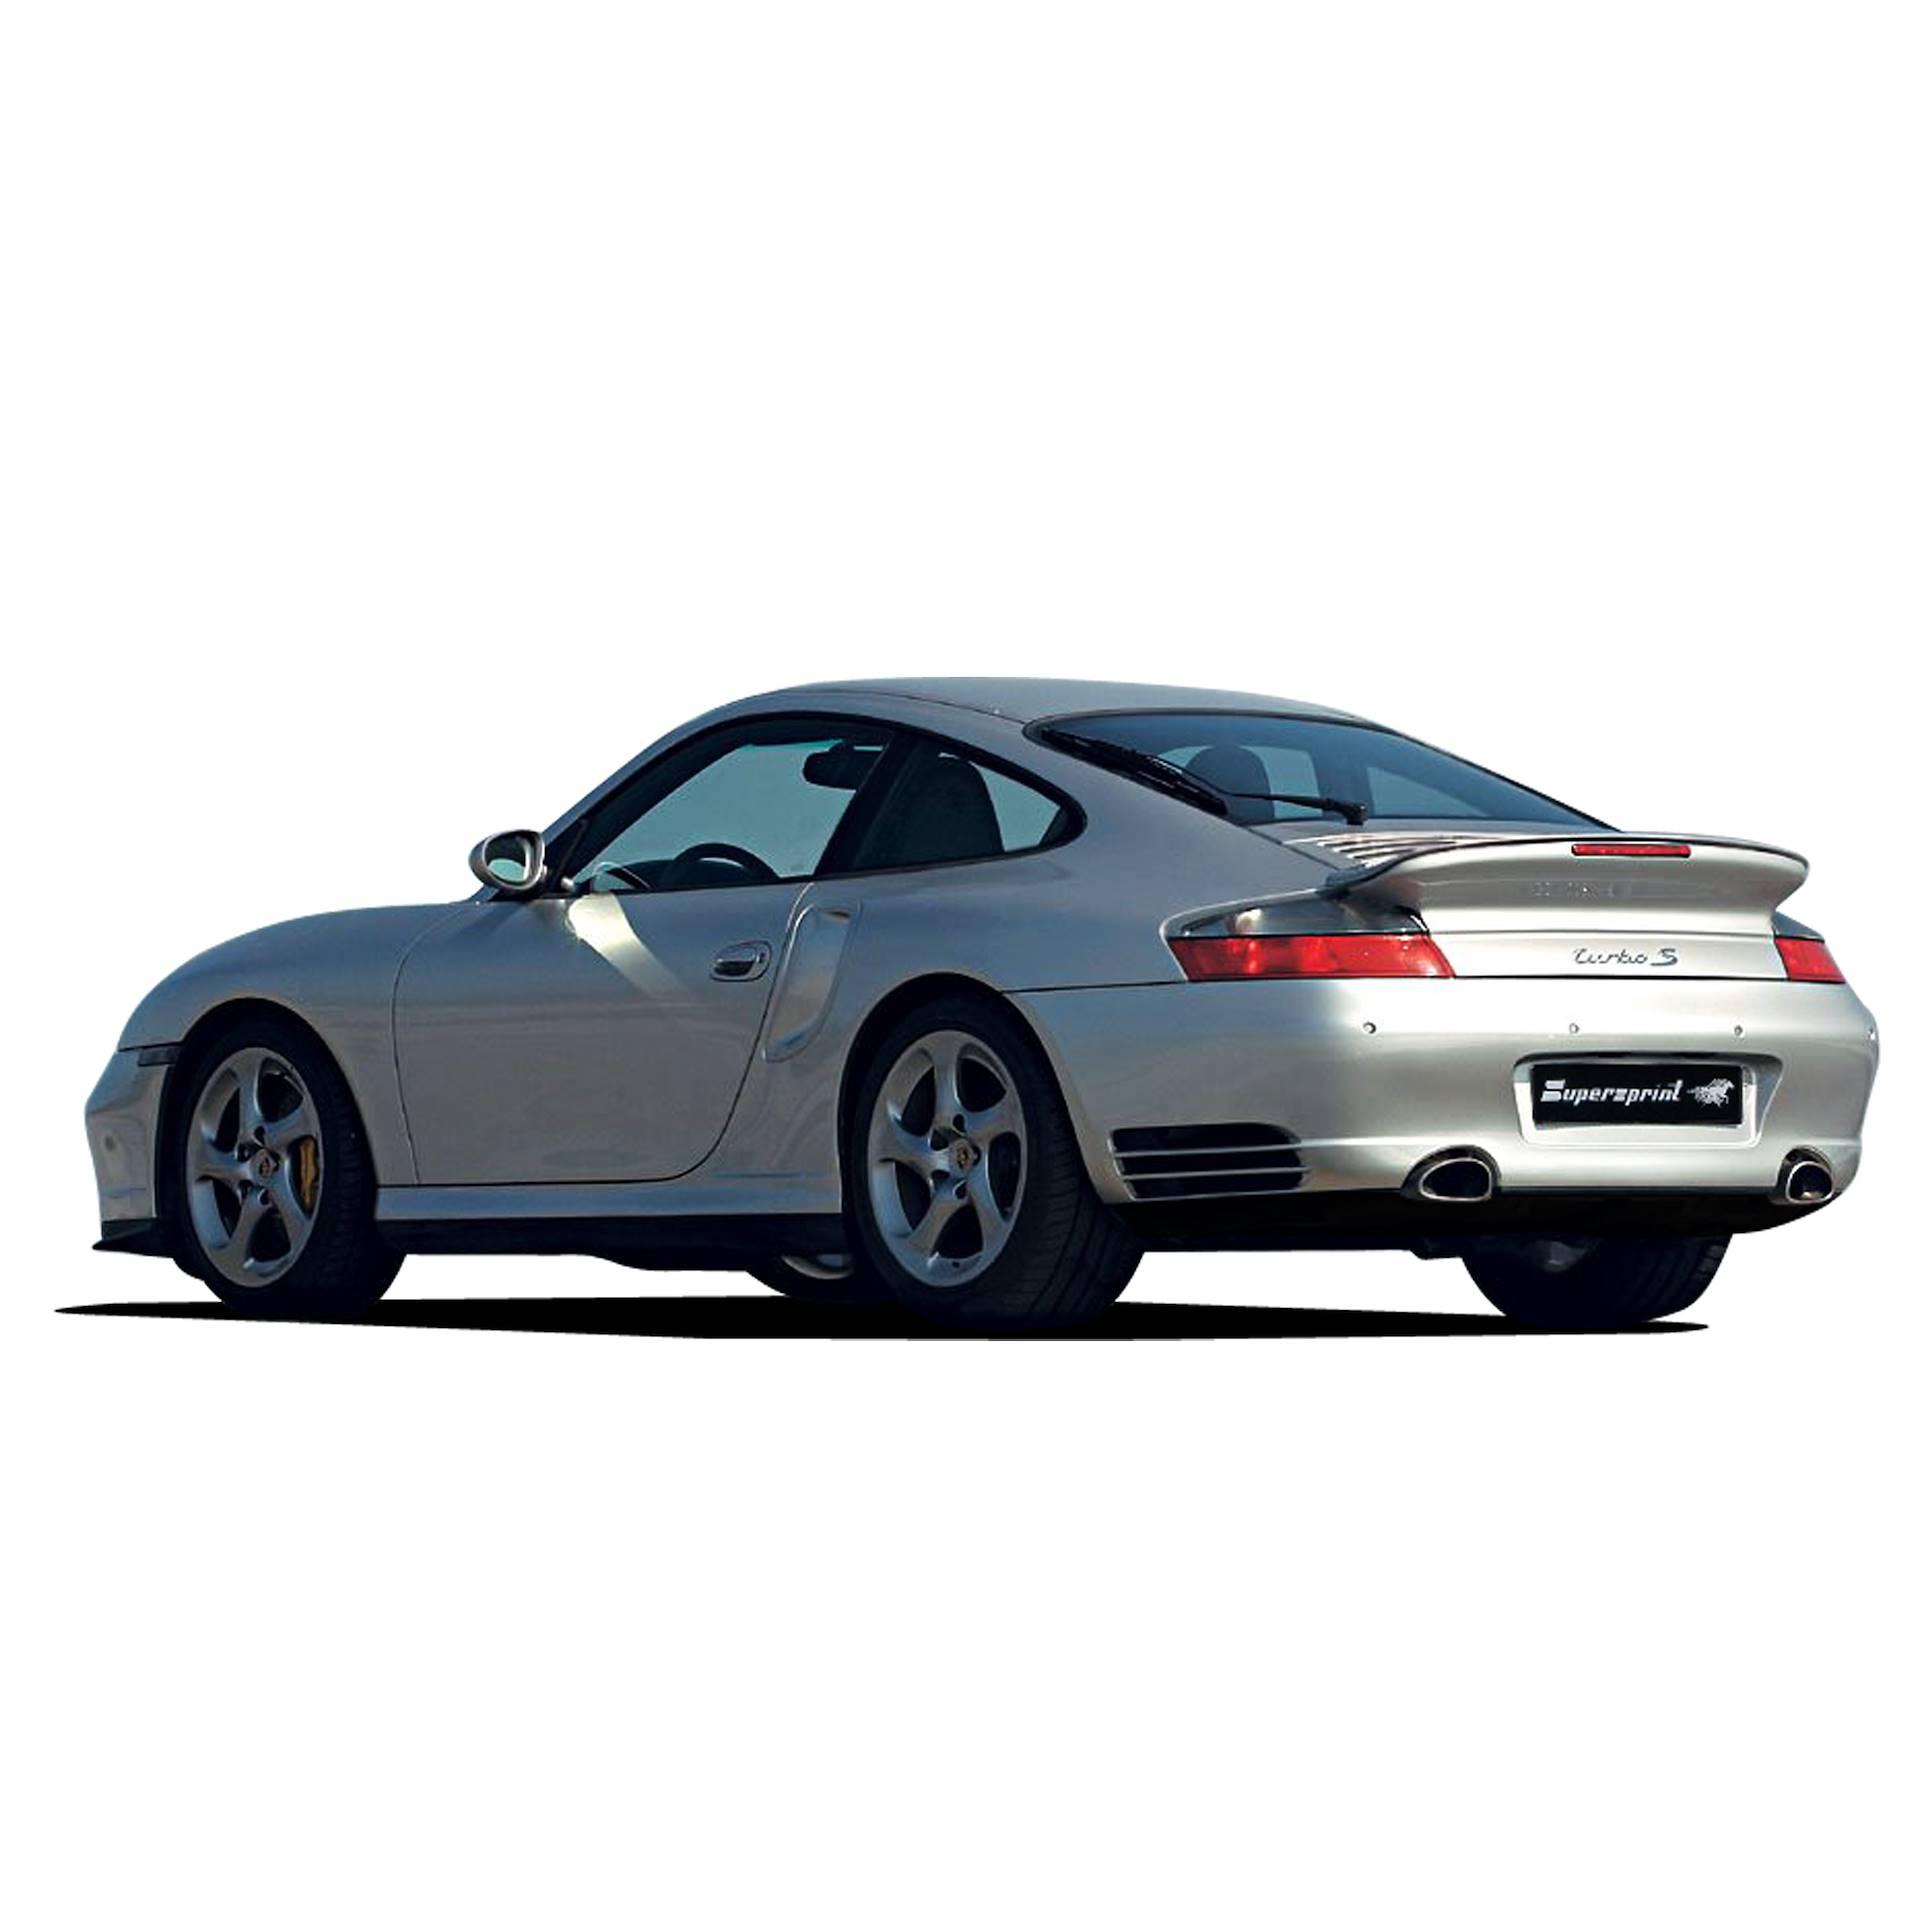 Porsche 996 Engine Hp: Performance Sport Exhaust For PORSCHE 911 996 Turbo S